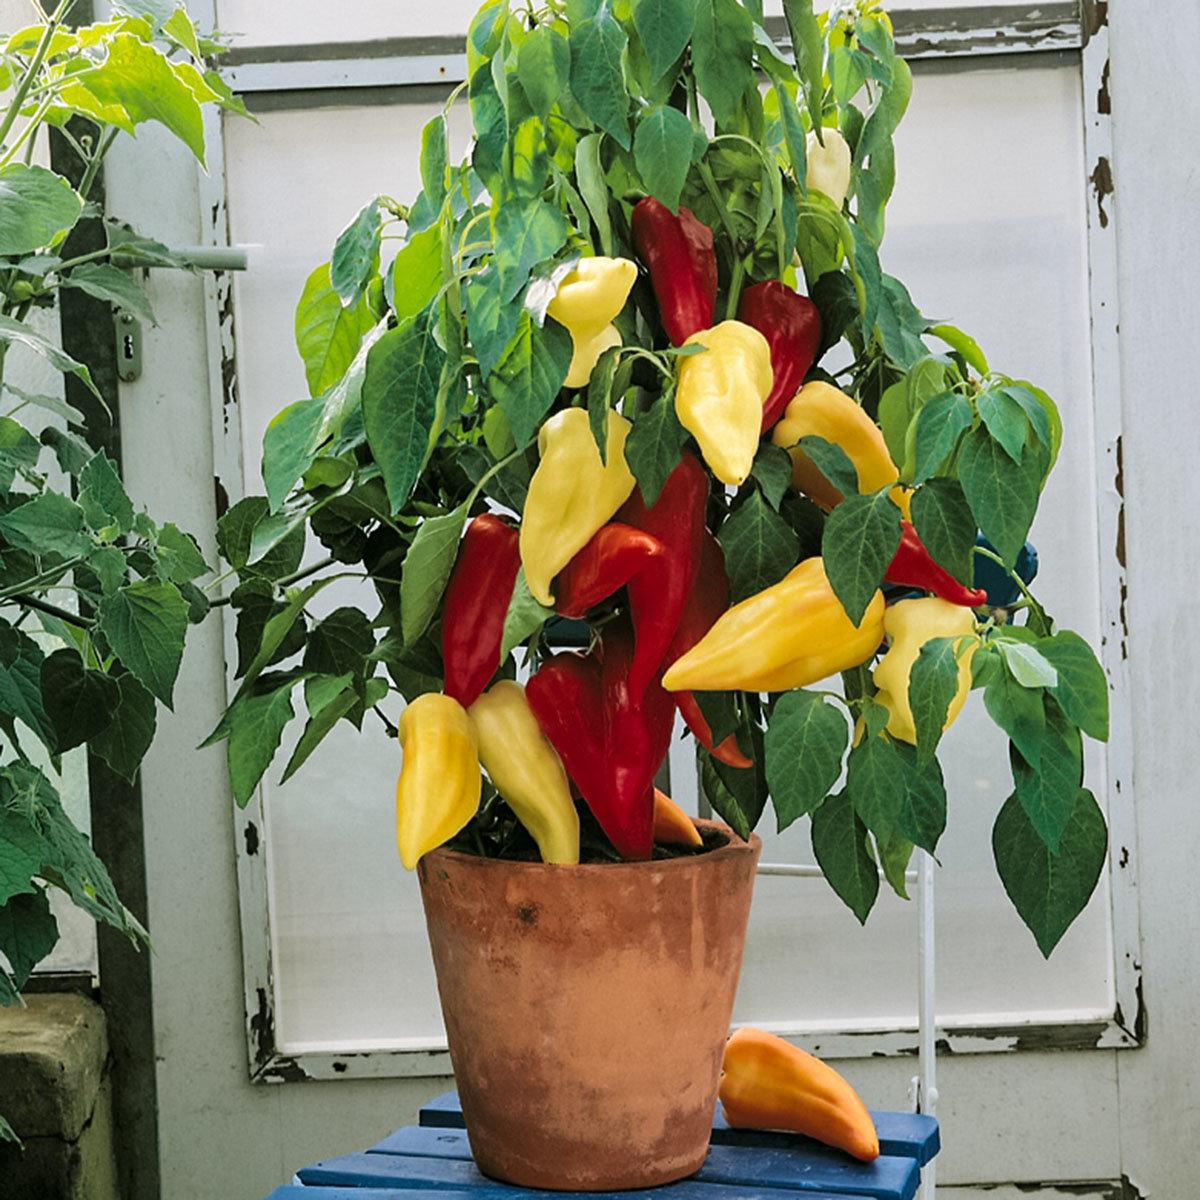 Ungarische Spitzpaprikapflanze Joker, veredelt, im ca. 11 cm-Topf